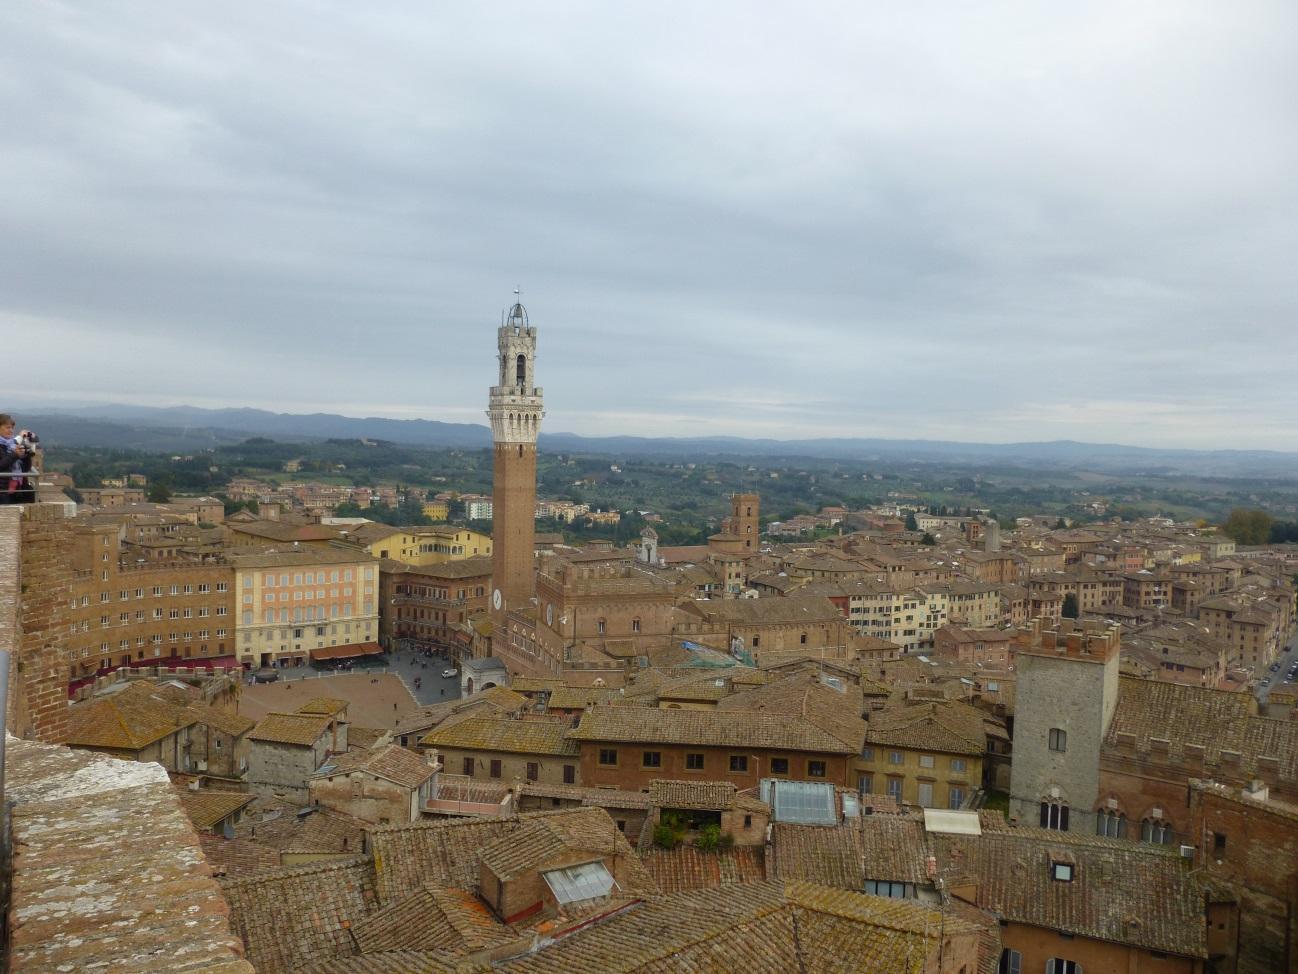 C:\Users\Gonzalo\Desktop\Documentos\Fotografías\La Toscana\103_PANA\P1030051.JPG